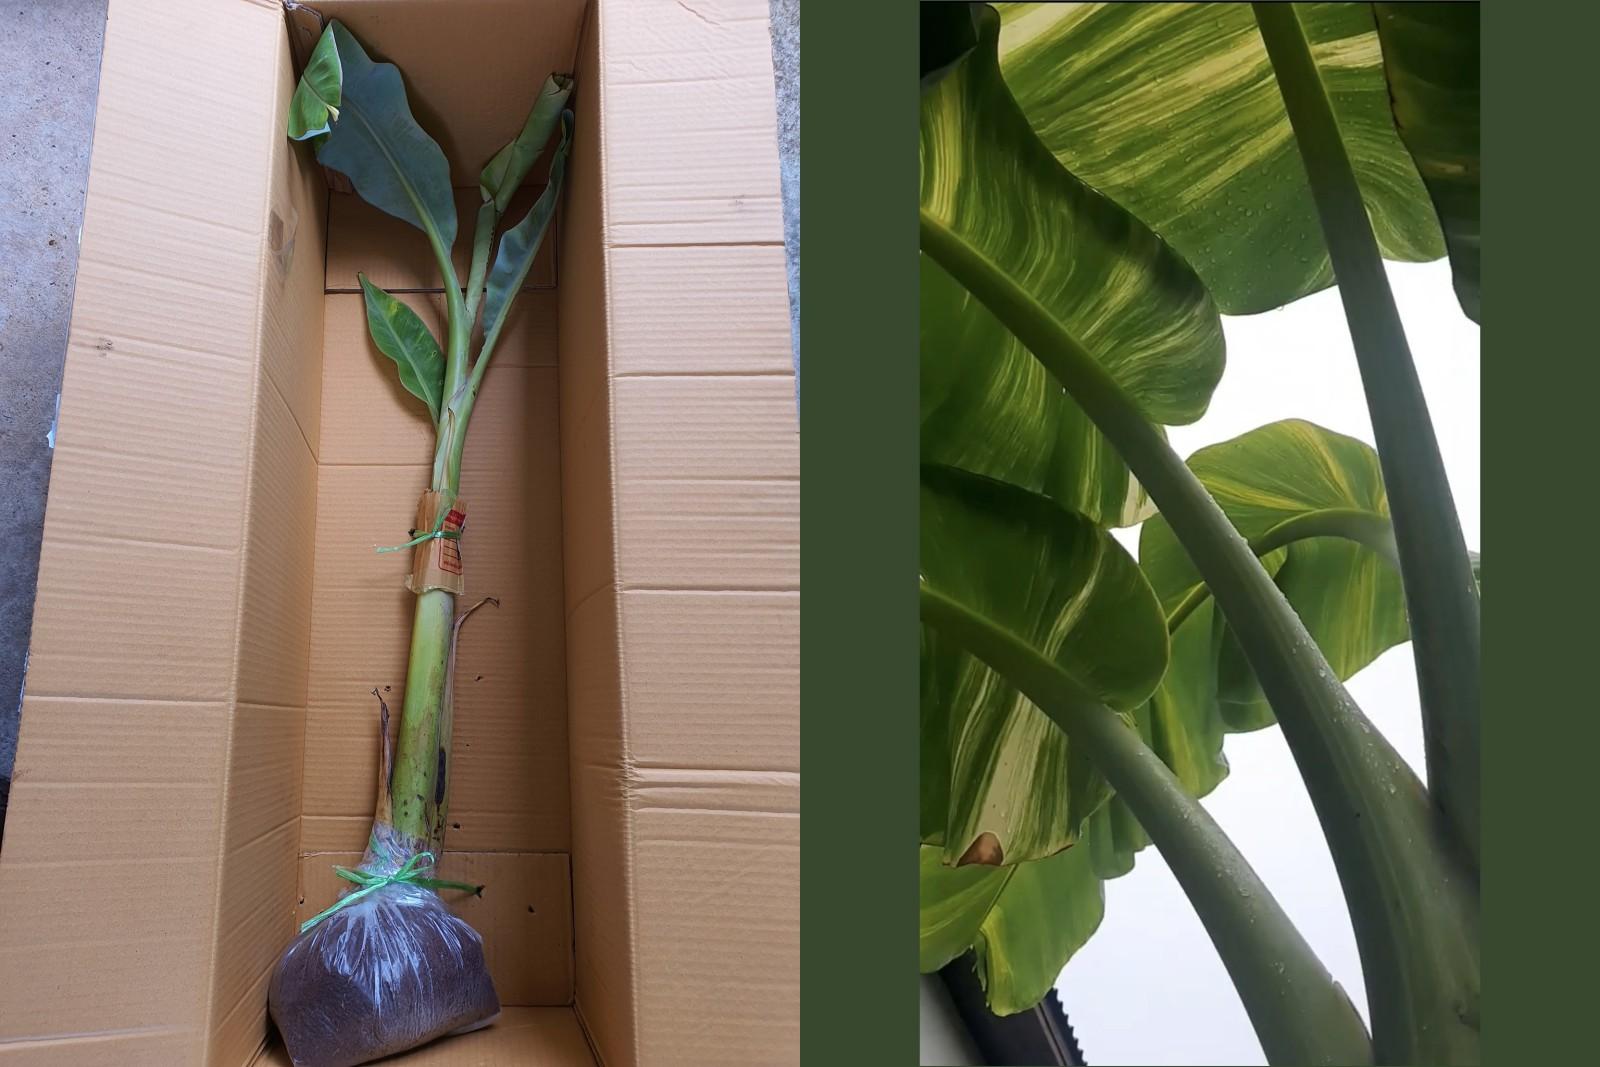 กล้วยน้ำว้าไอศครีมเขียว จากต้นแม่ด่าง หน่อพี่หน่อน้องด่างสวย